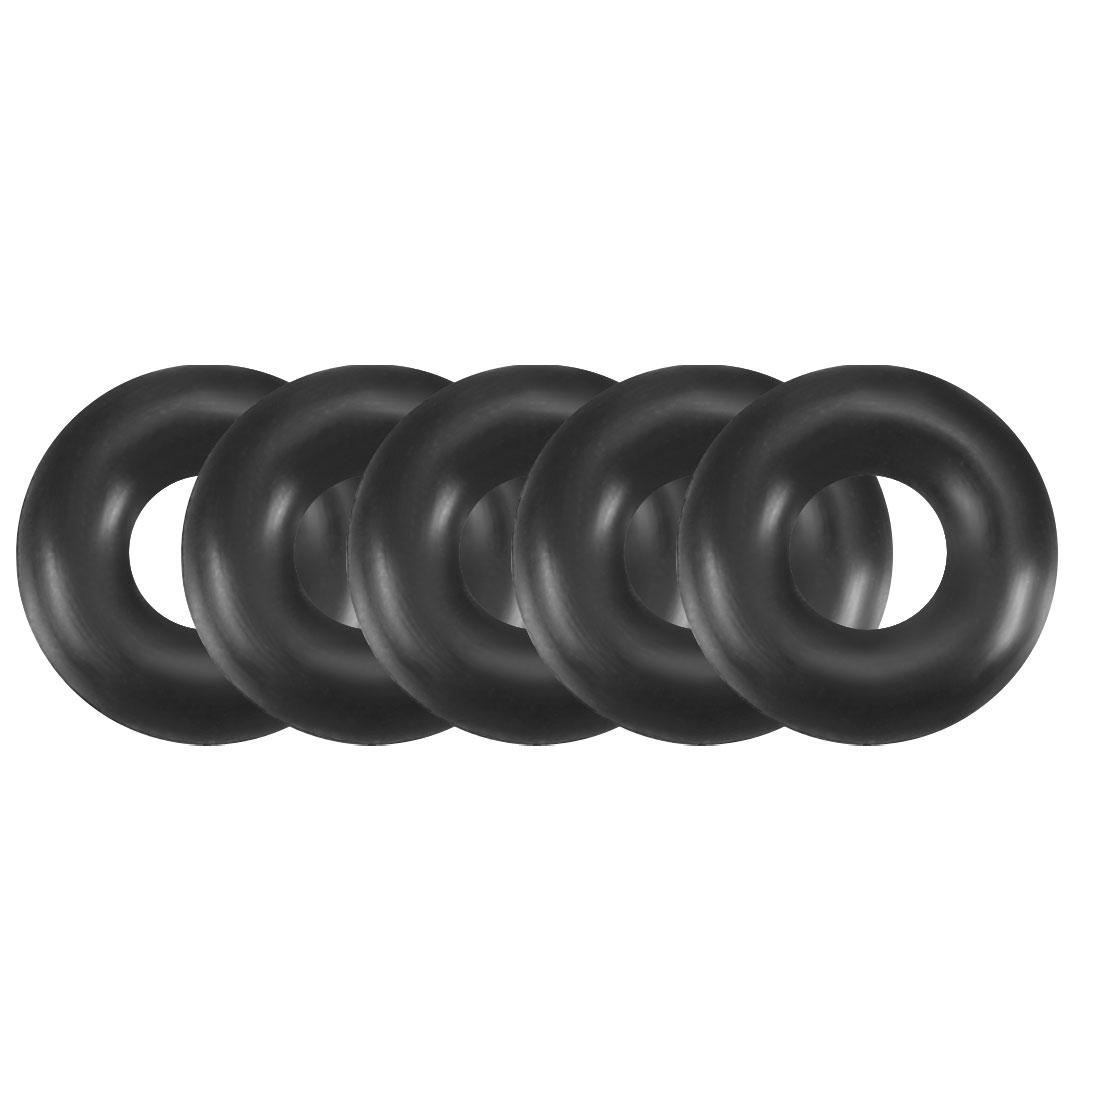 50pcs Black Nitrile Butadiene Rubber NBR O-Ring 2.24mm Inner Dia 1.8mm Width